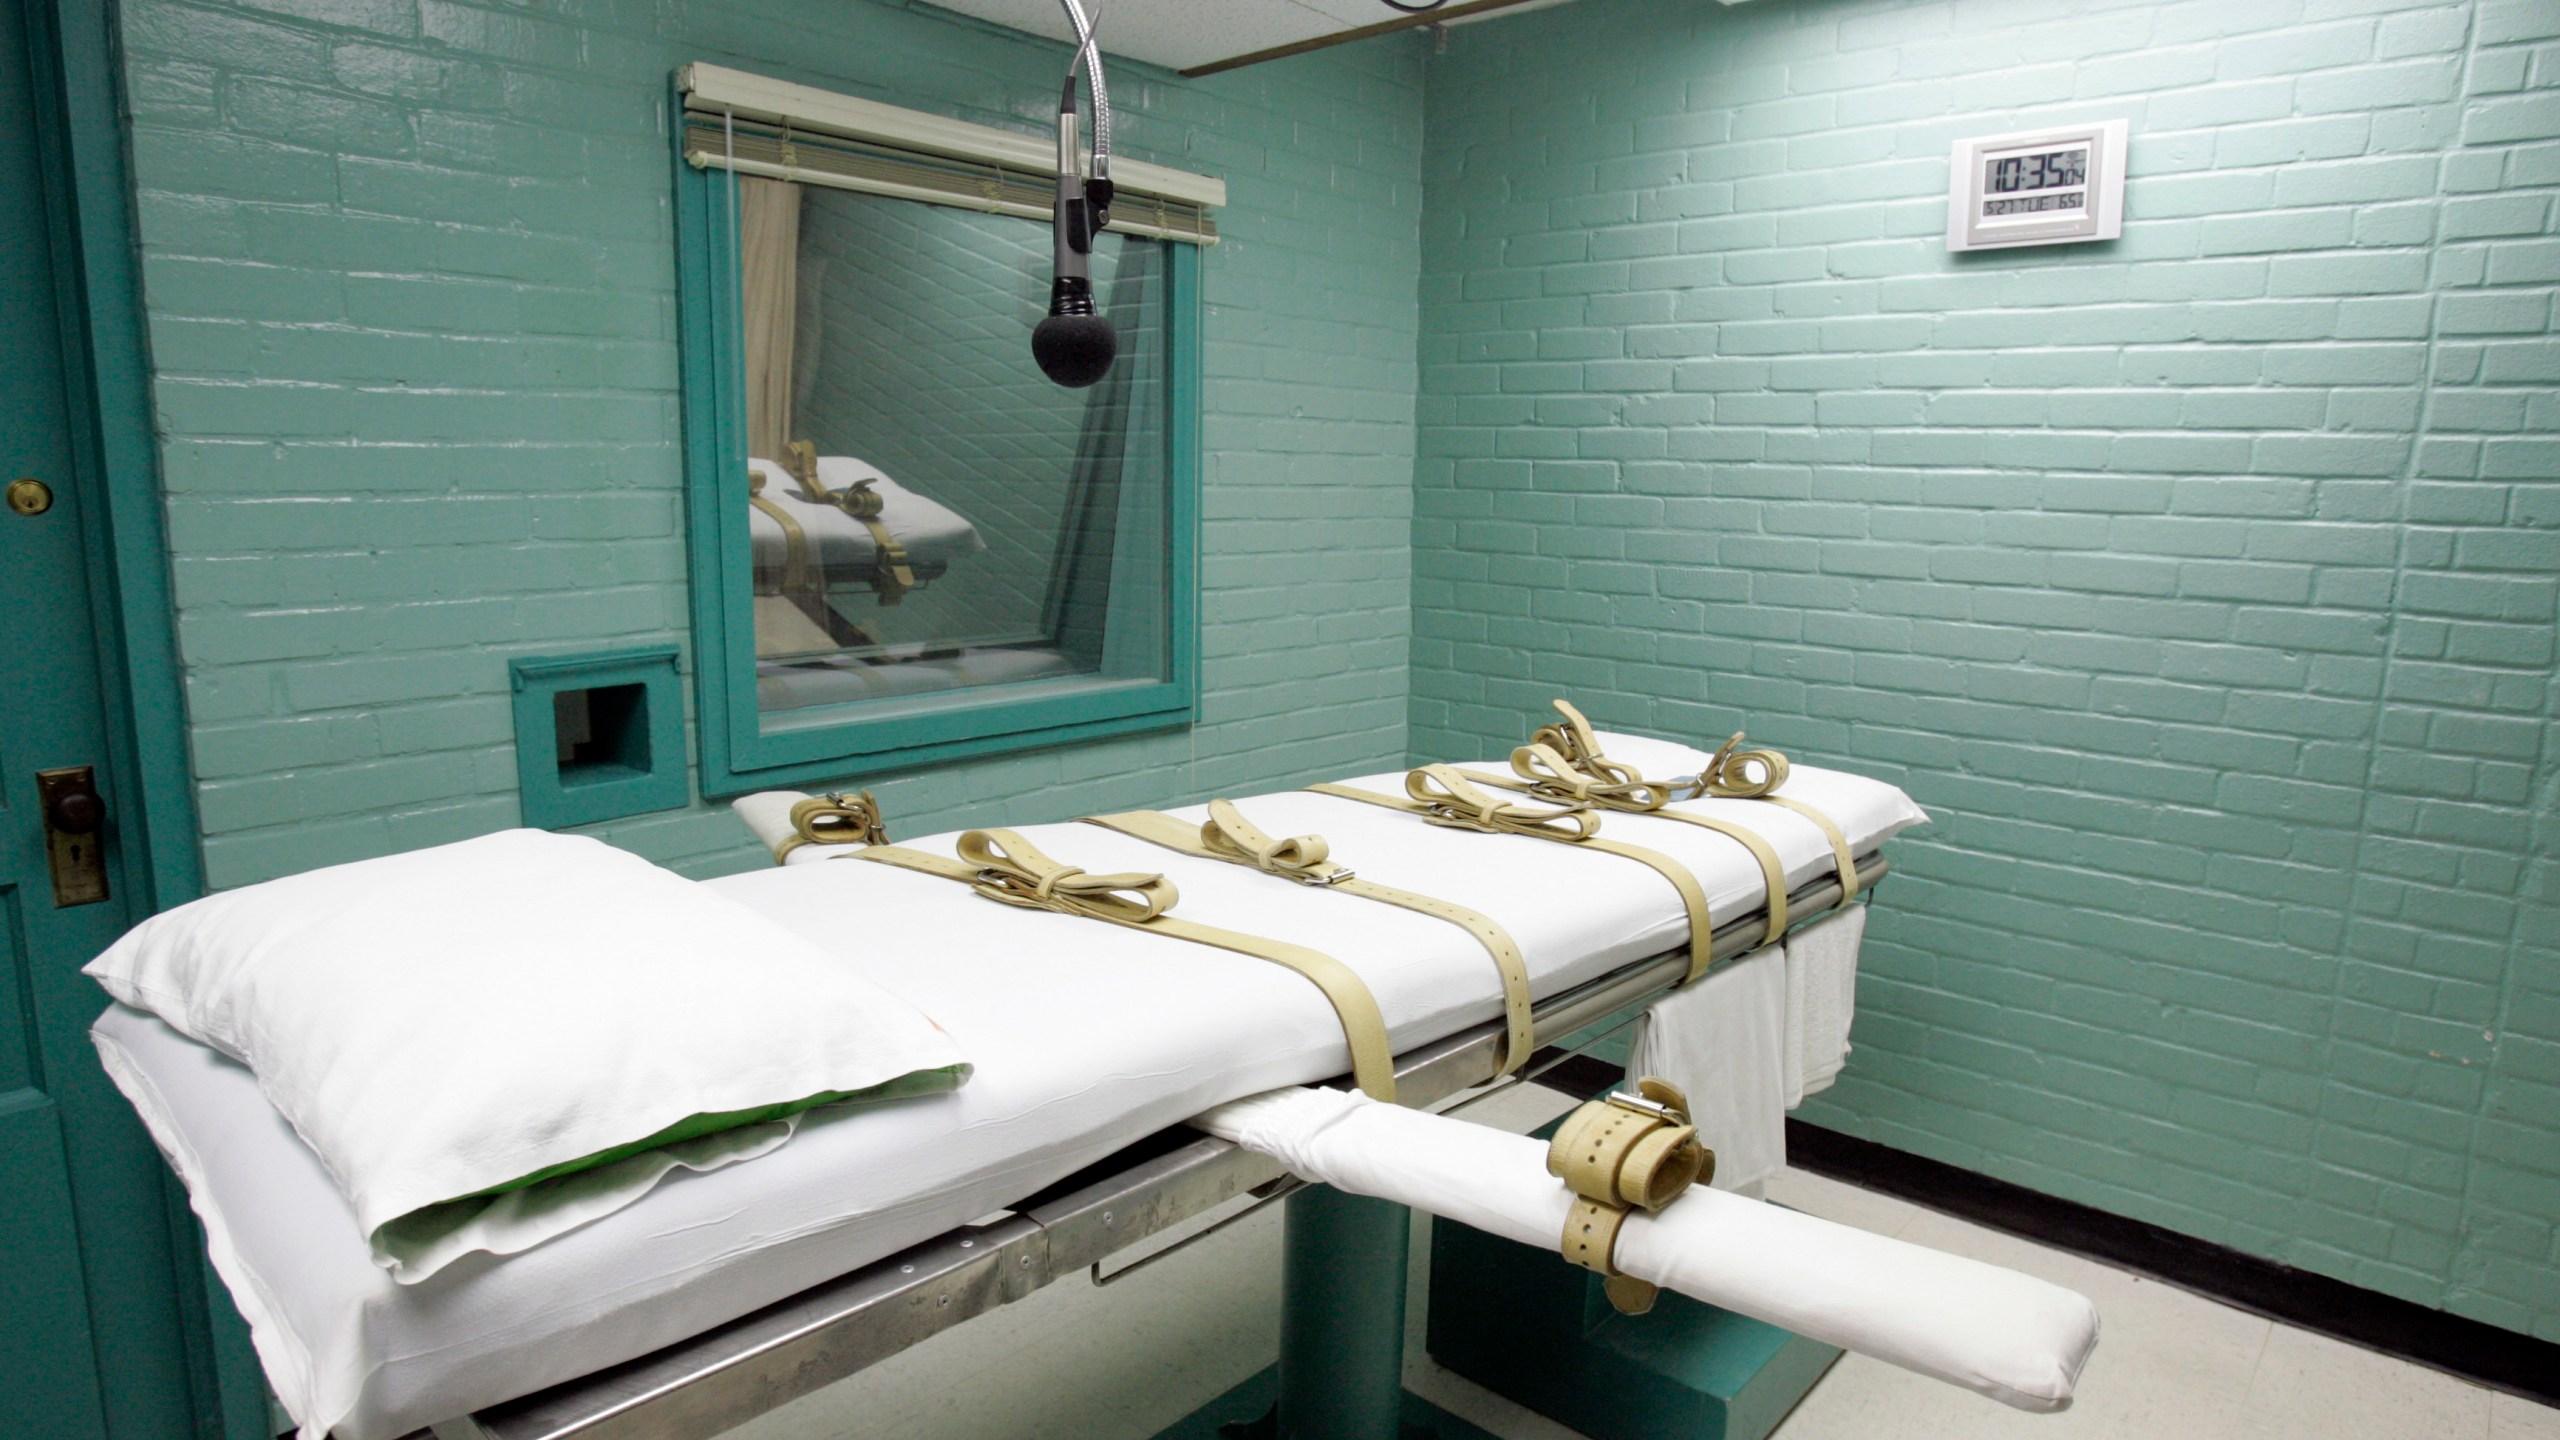 Death_Penalty_22659-159532.jpg05461718